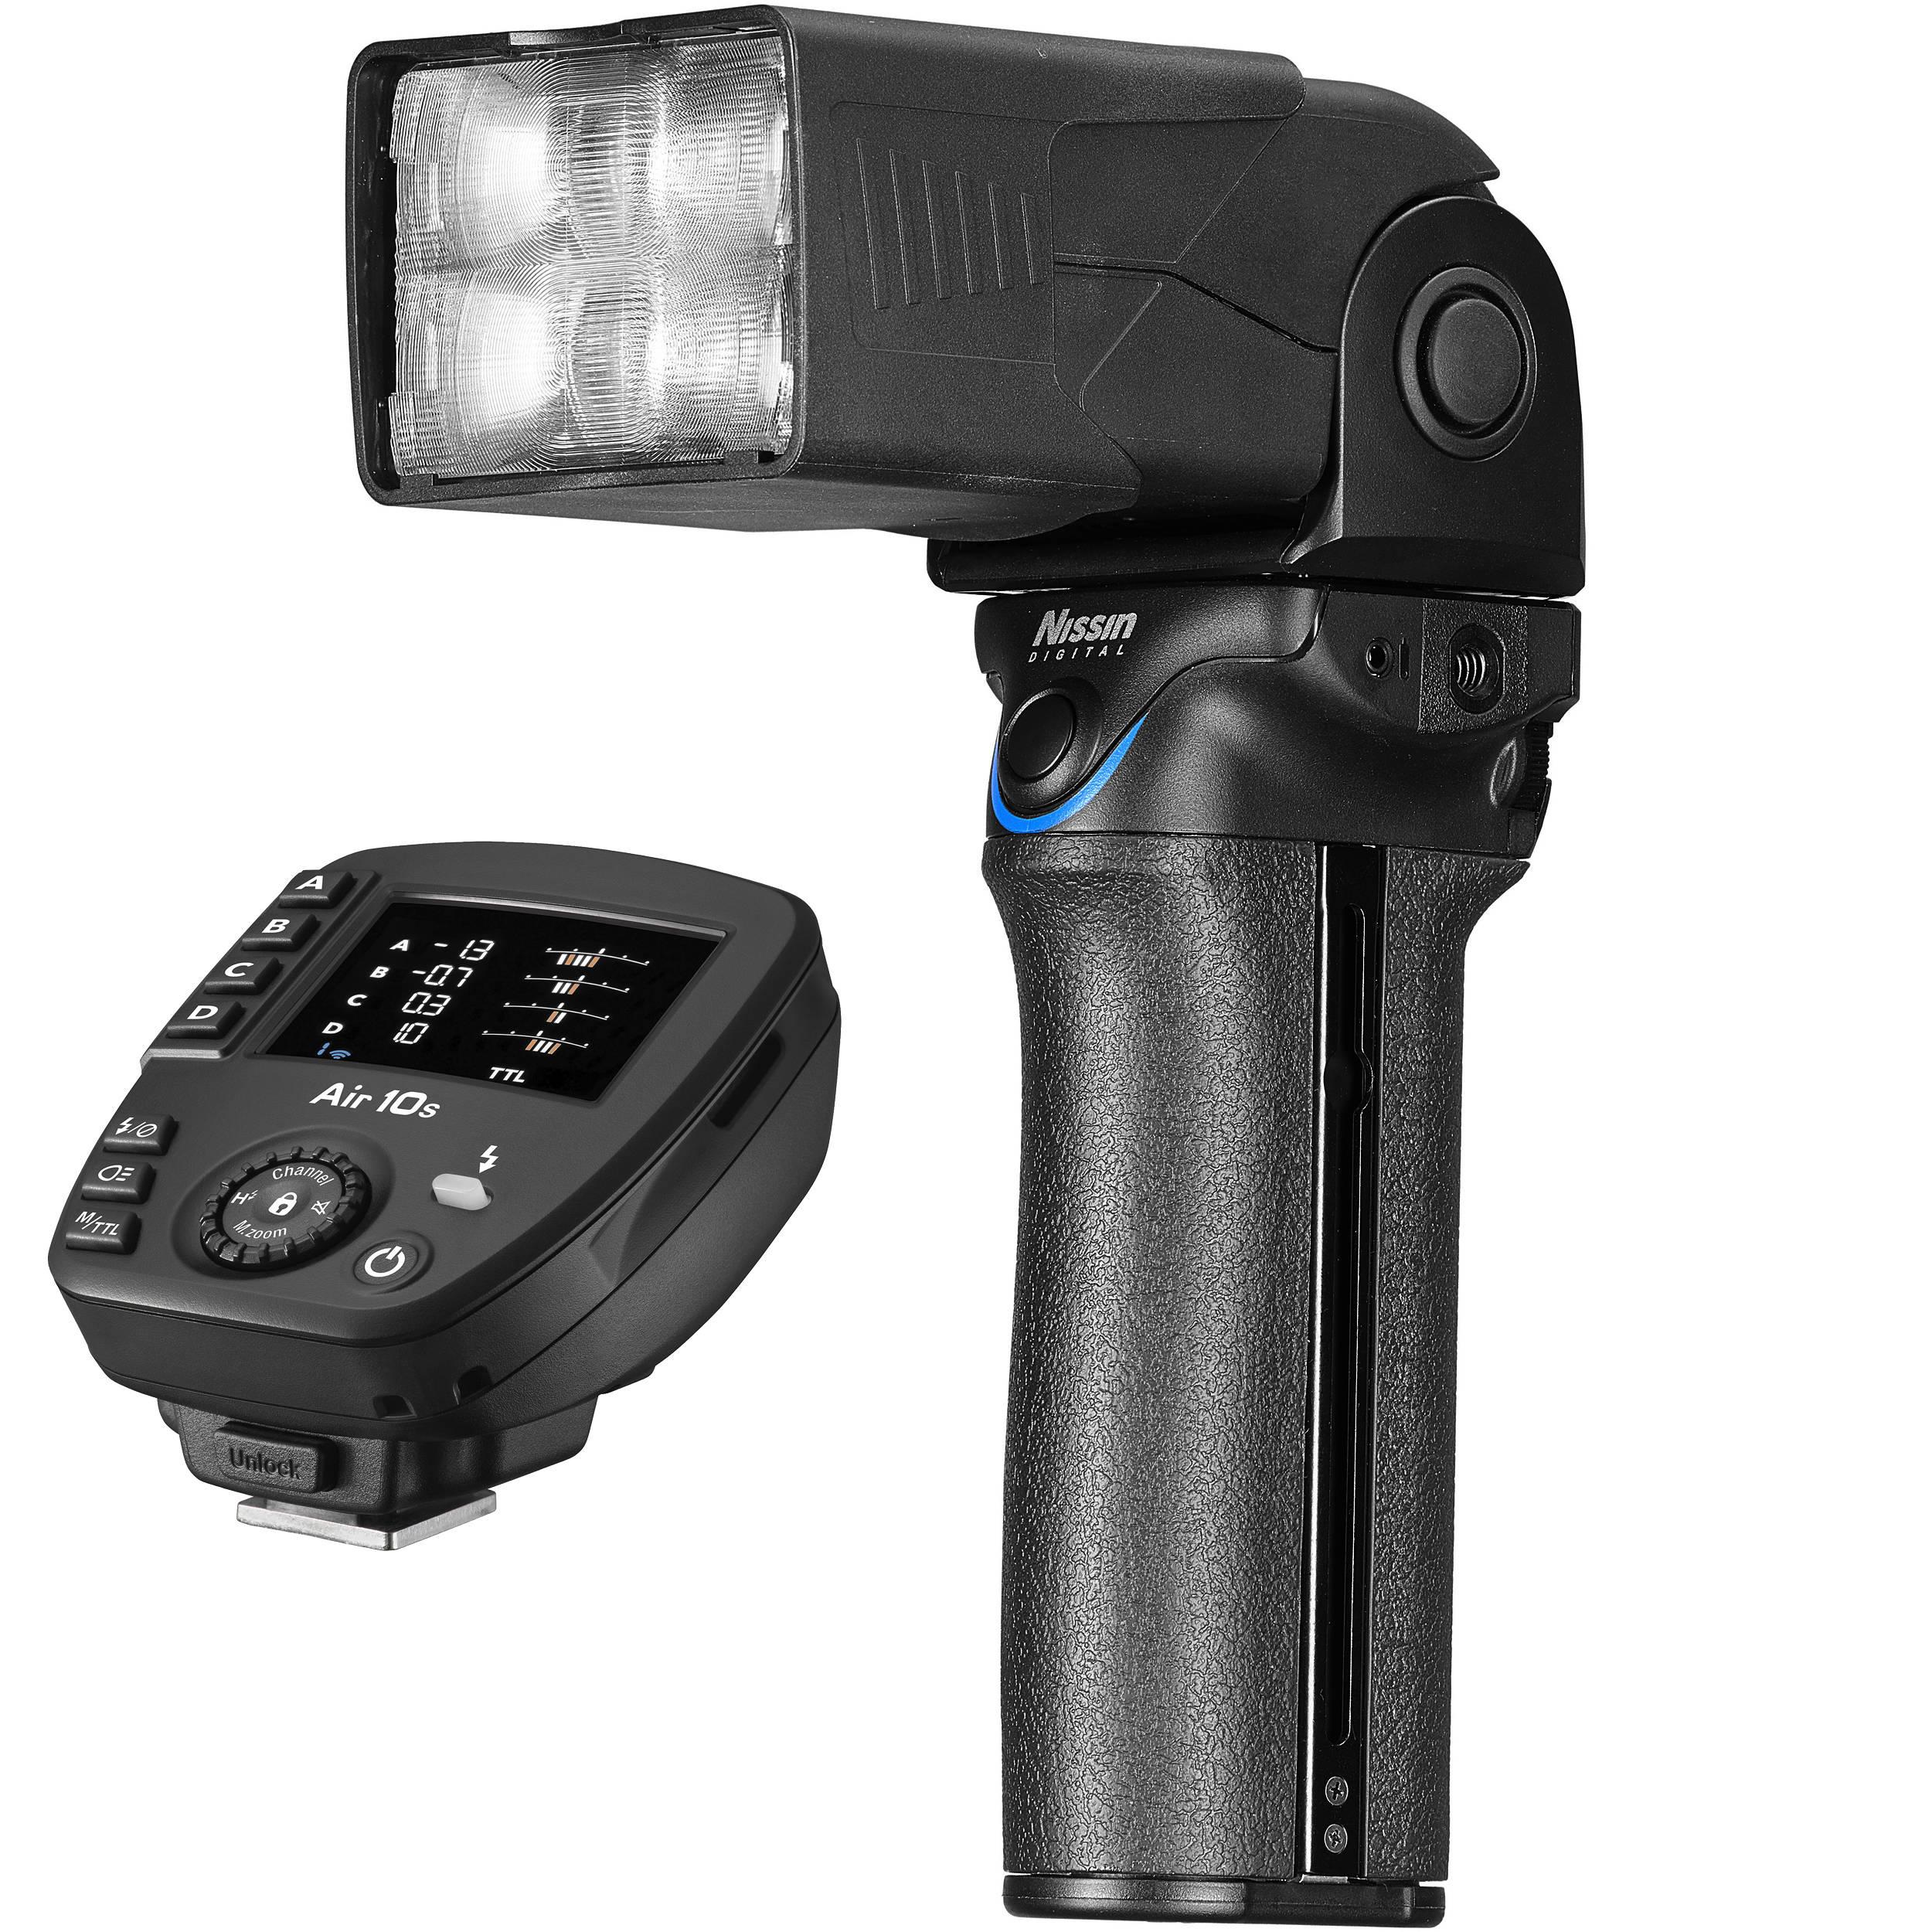 Autohouse Parksensor PDC Paring Sensor for MERCEDES C E S CLS R W211 W219 W203 W204 W221 W164 SL 2215420417 A2215420417